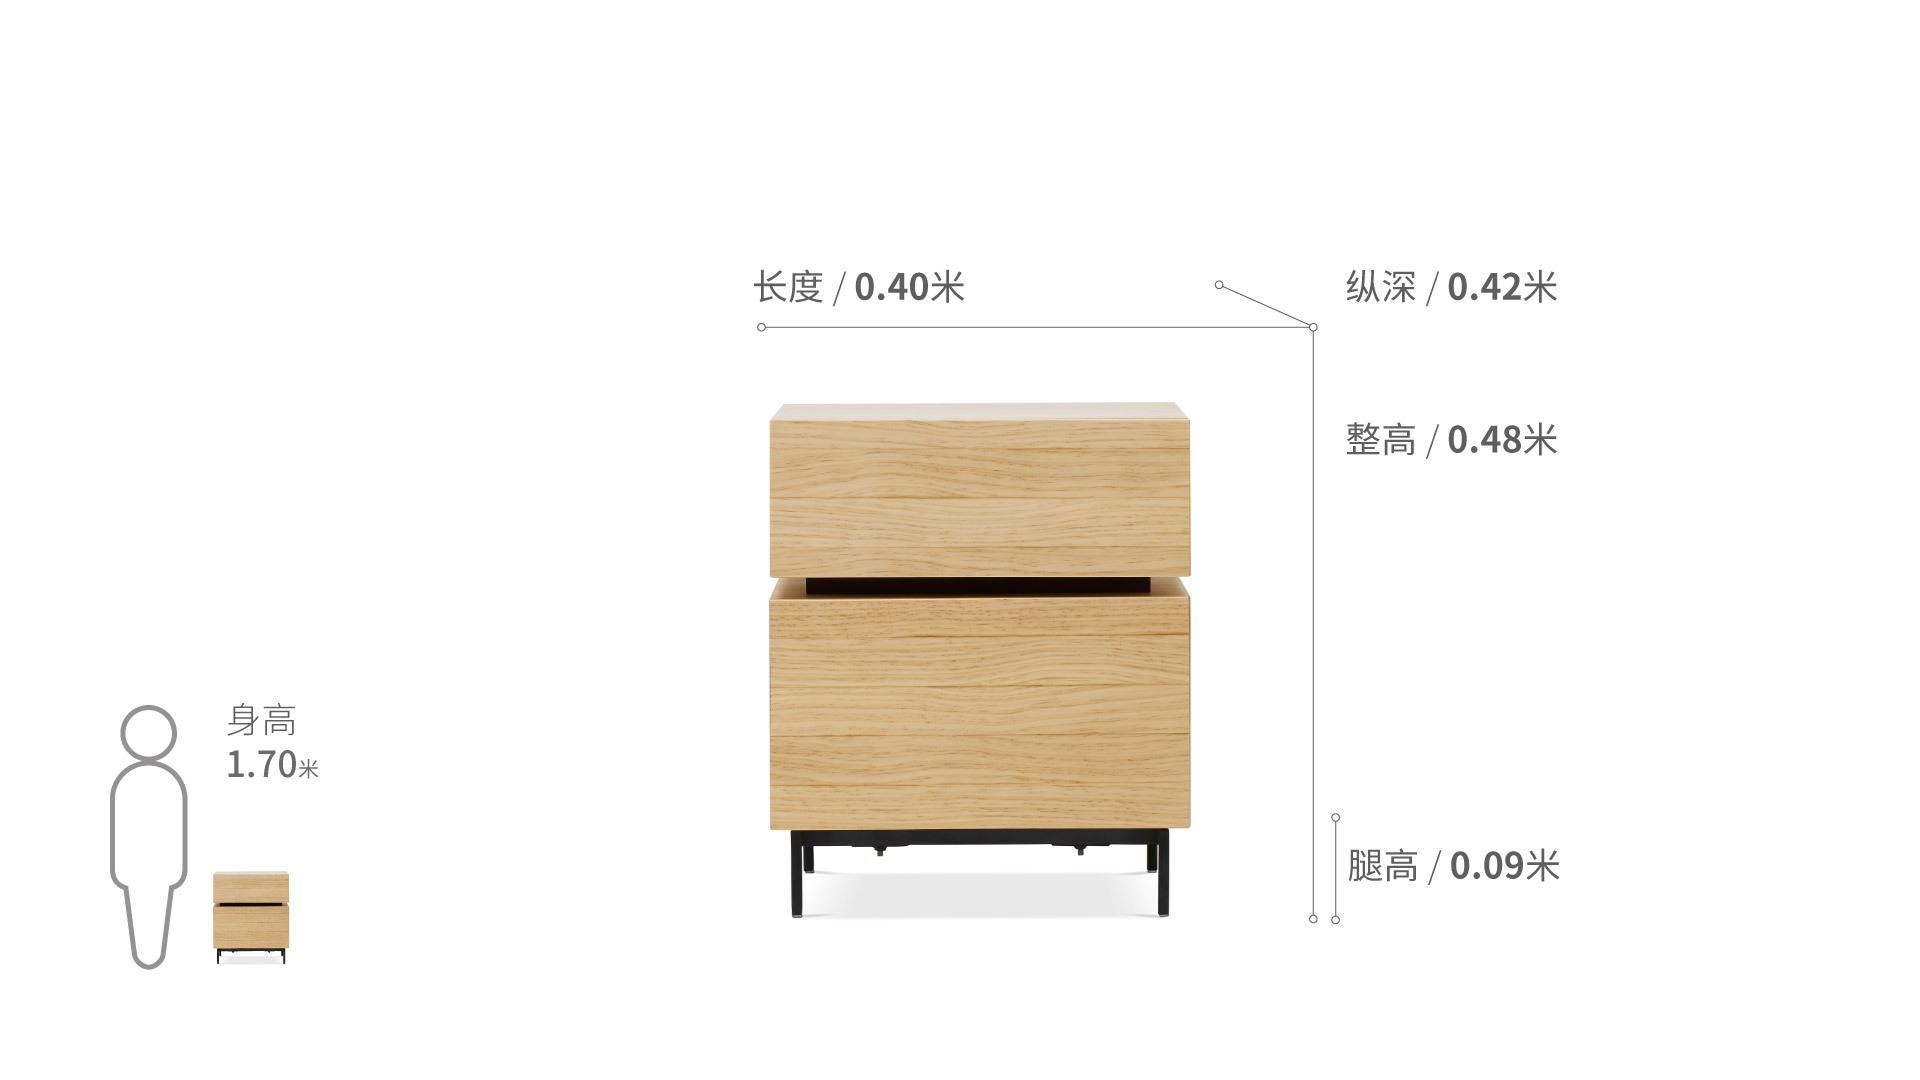 流方床頭柜流方床頭柜柜架效果圖